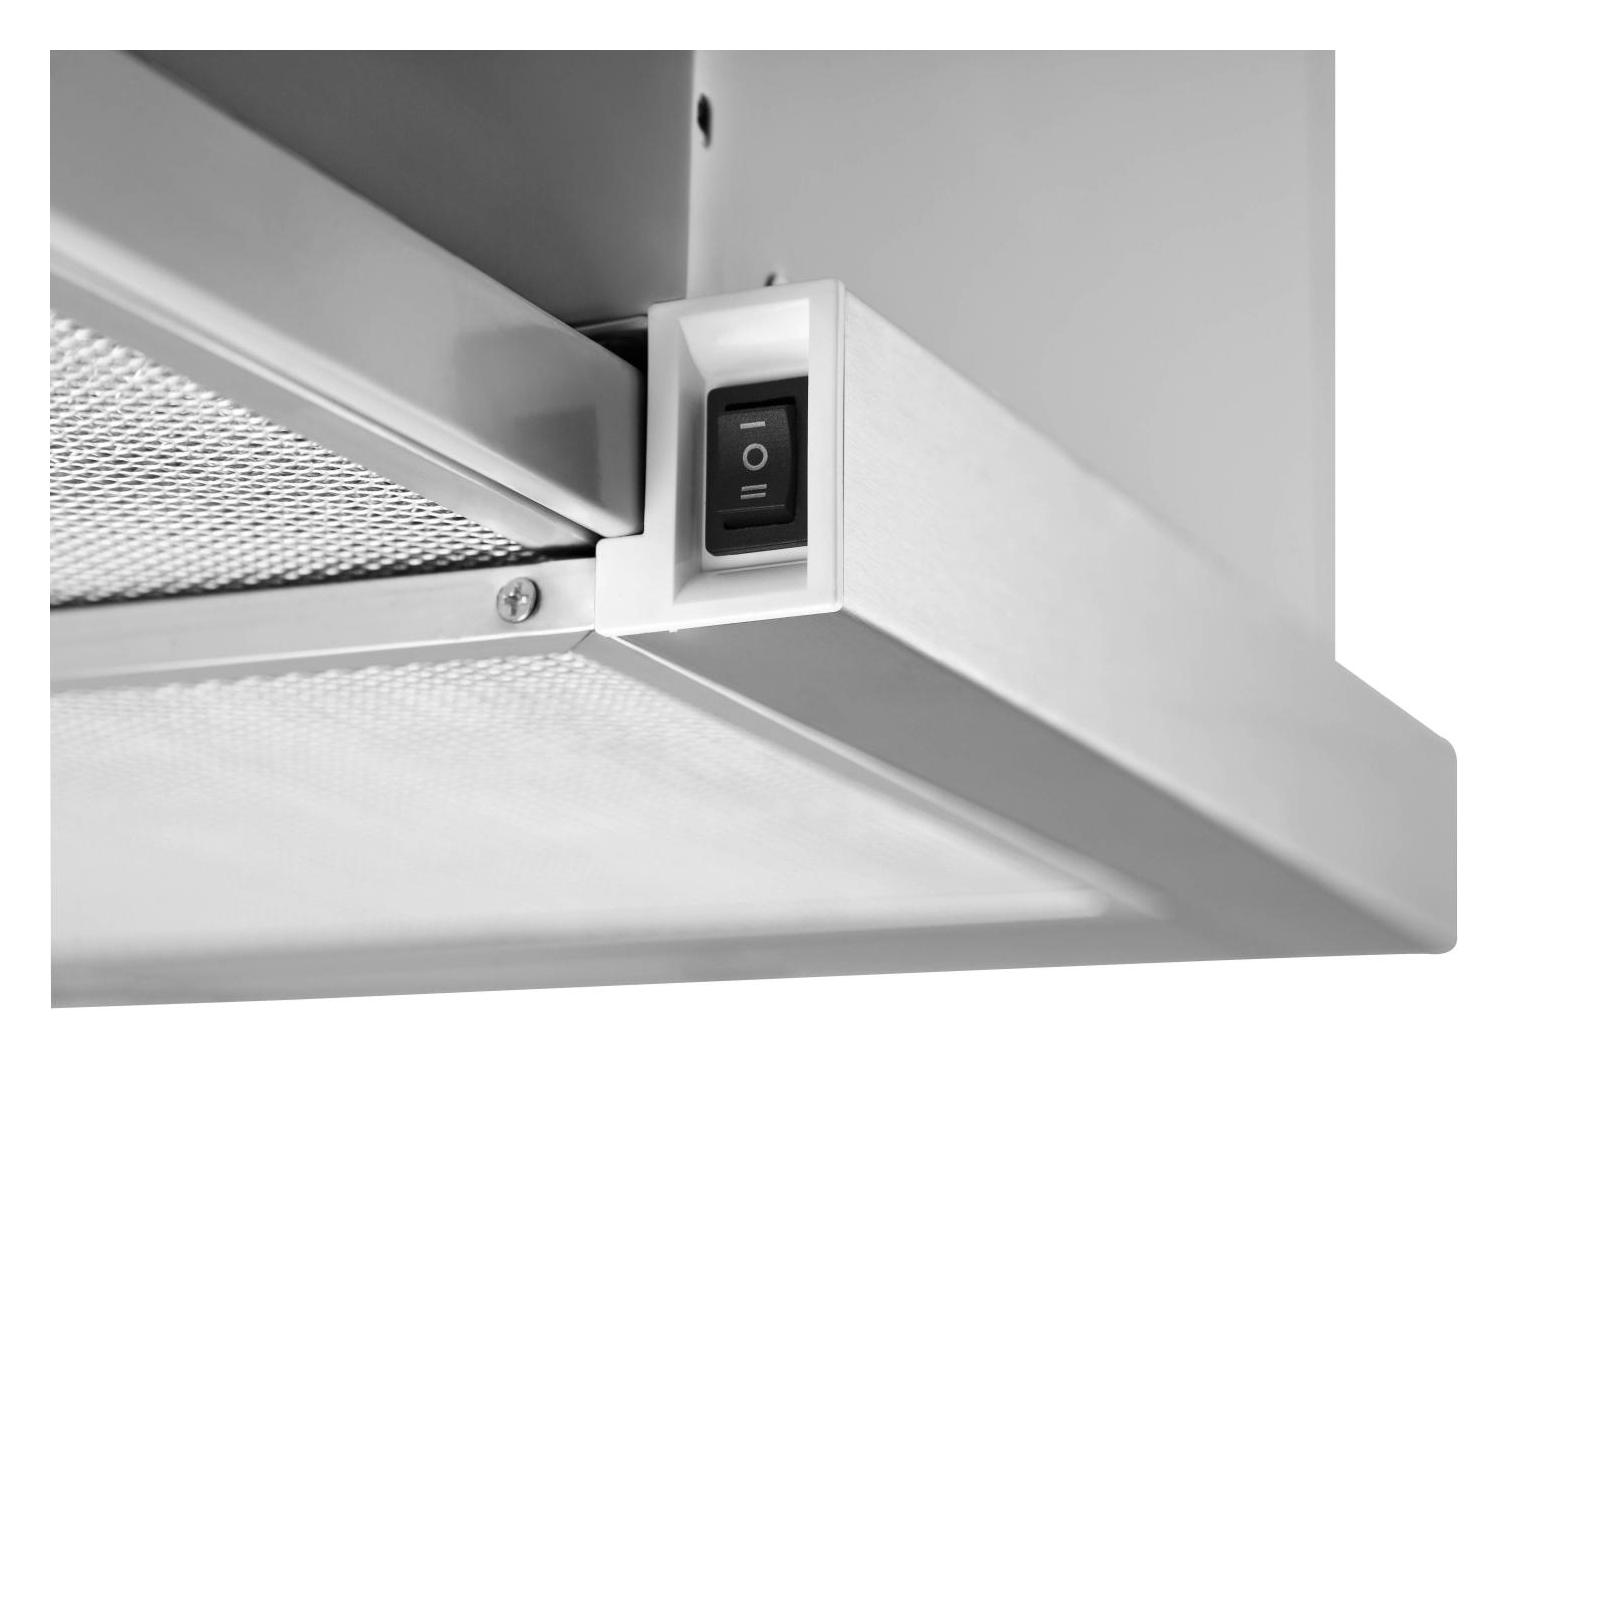 Вытяжка кухонная Borgio SLIM(R) 60 inox изображение 2